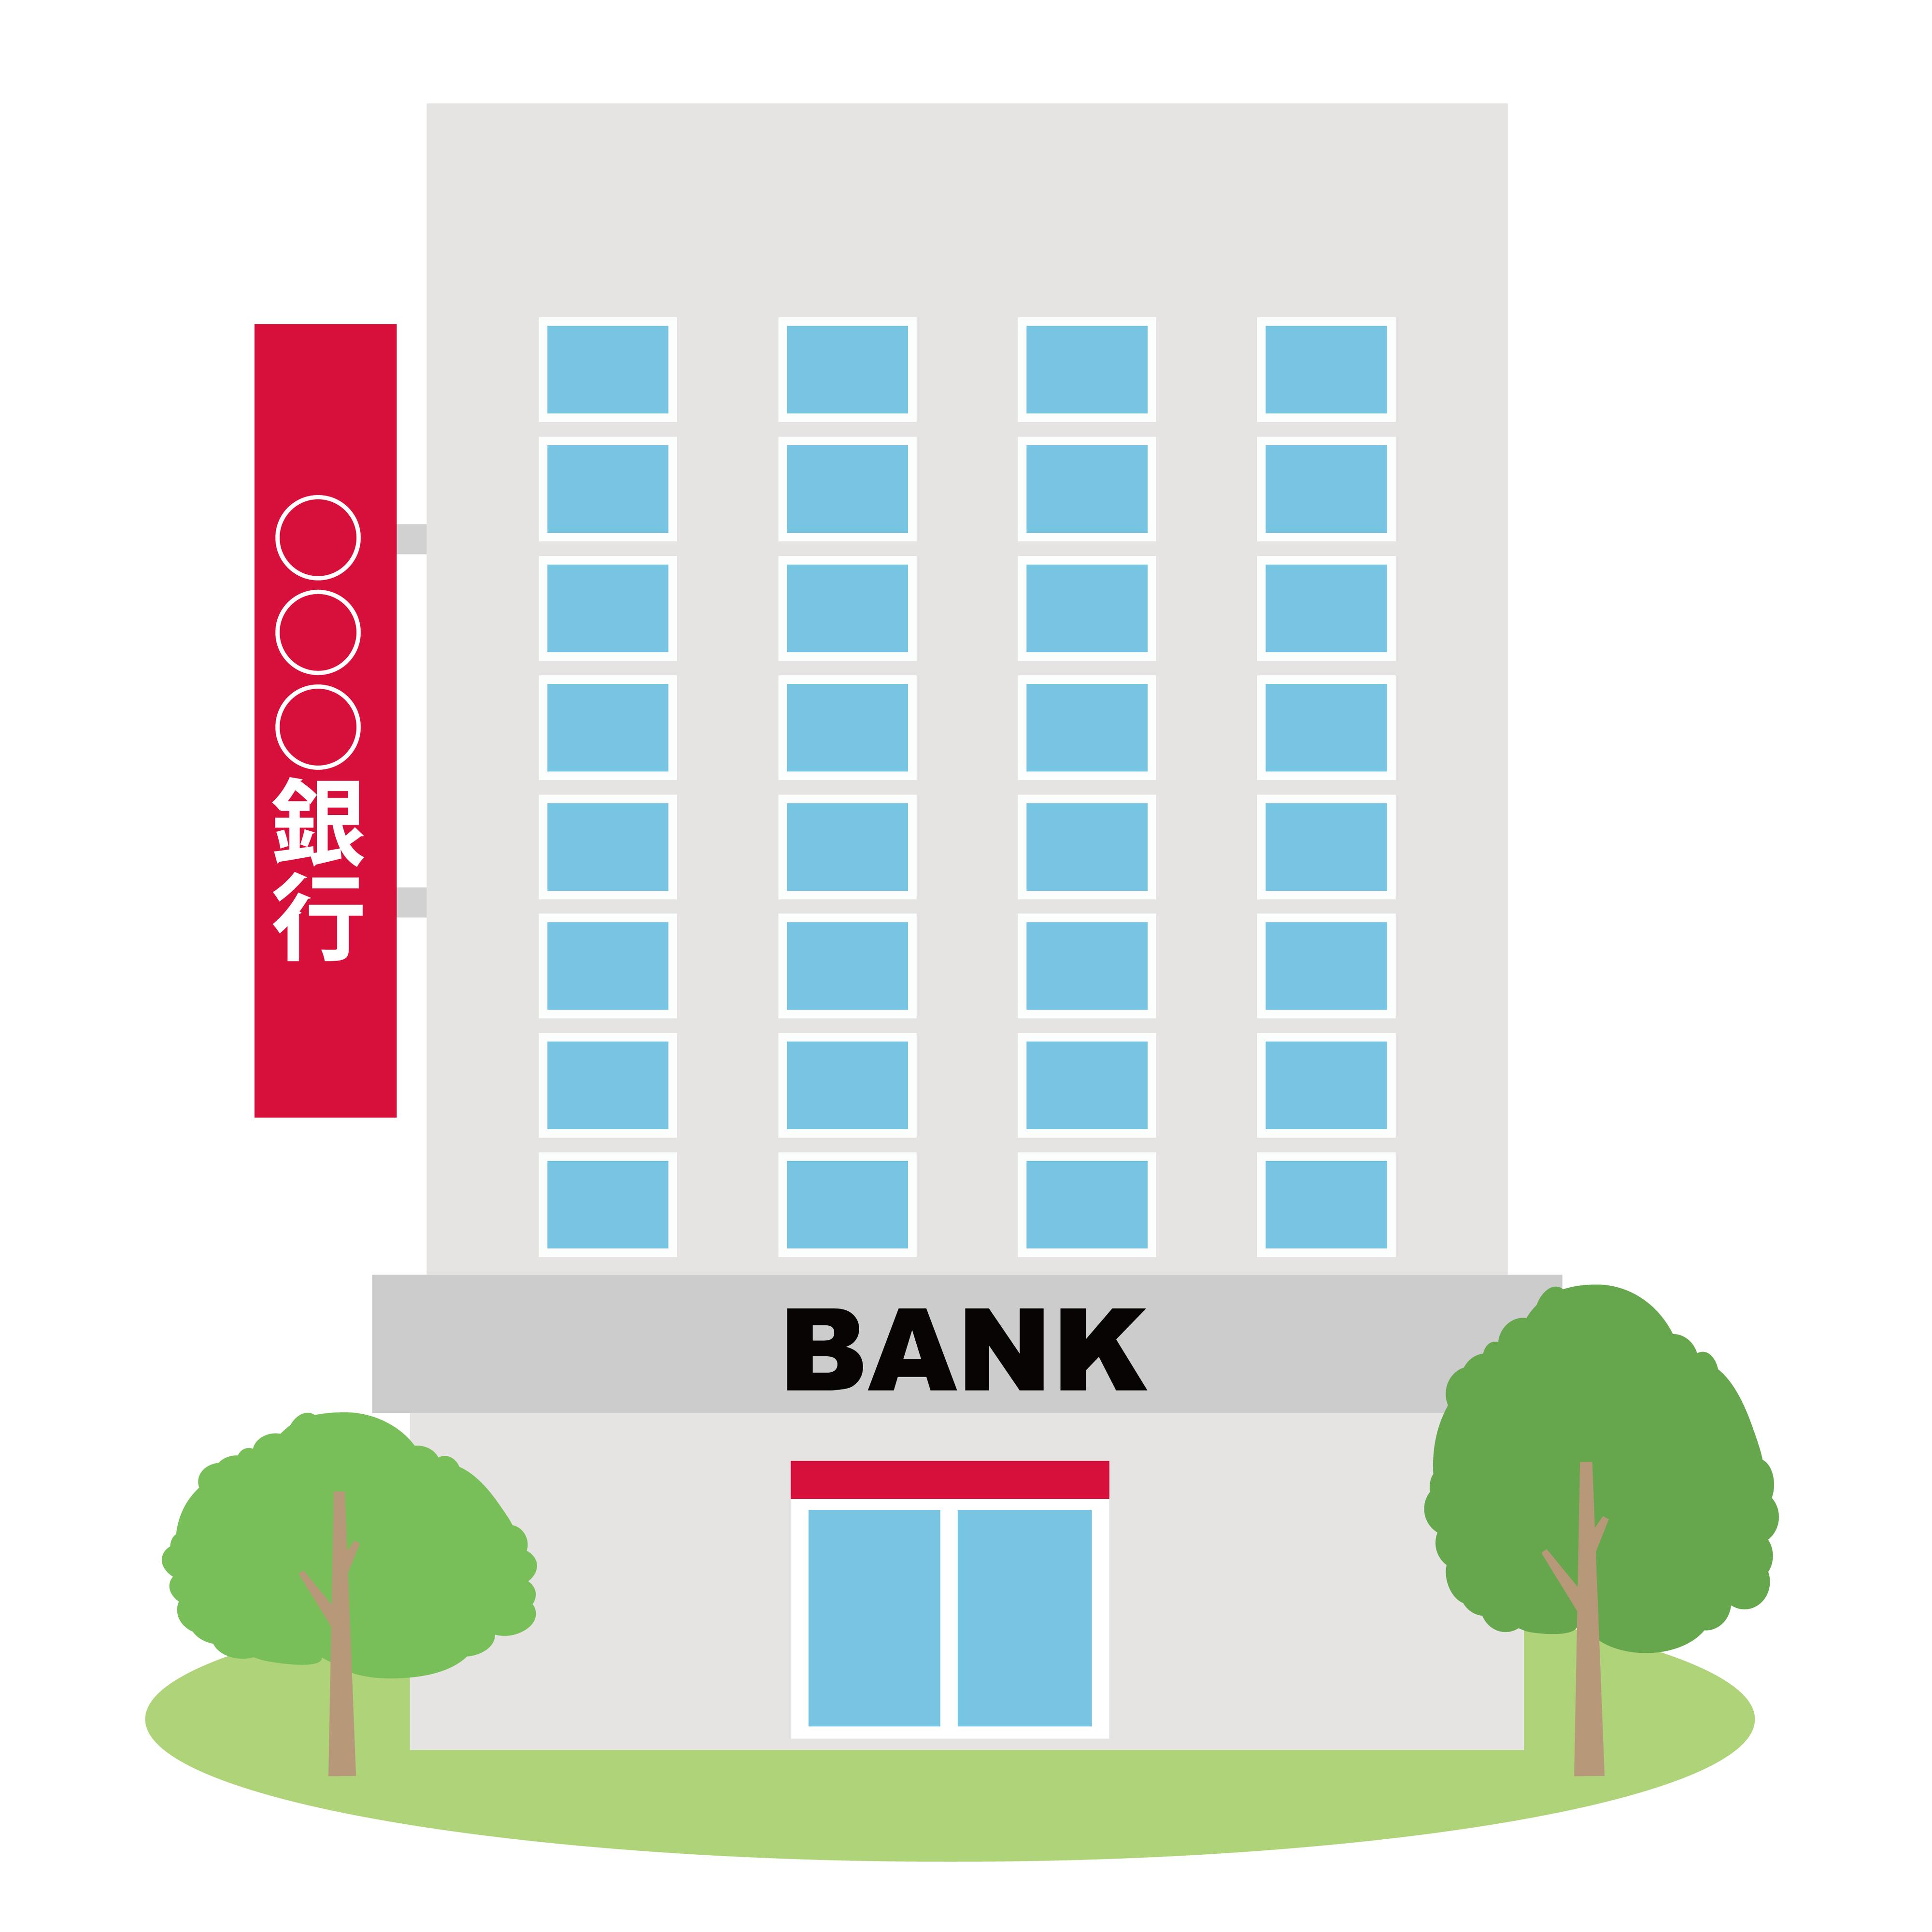 銀行との付き合い方、銀行融資を活用するため良い関係を築こう!